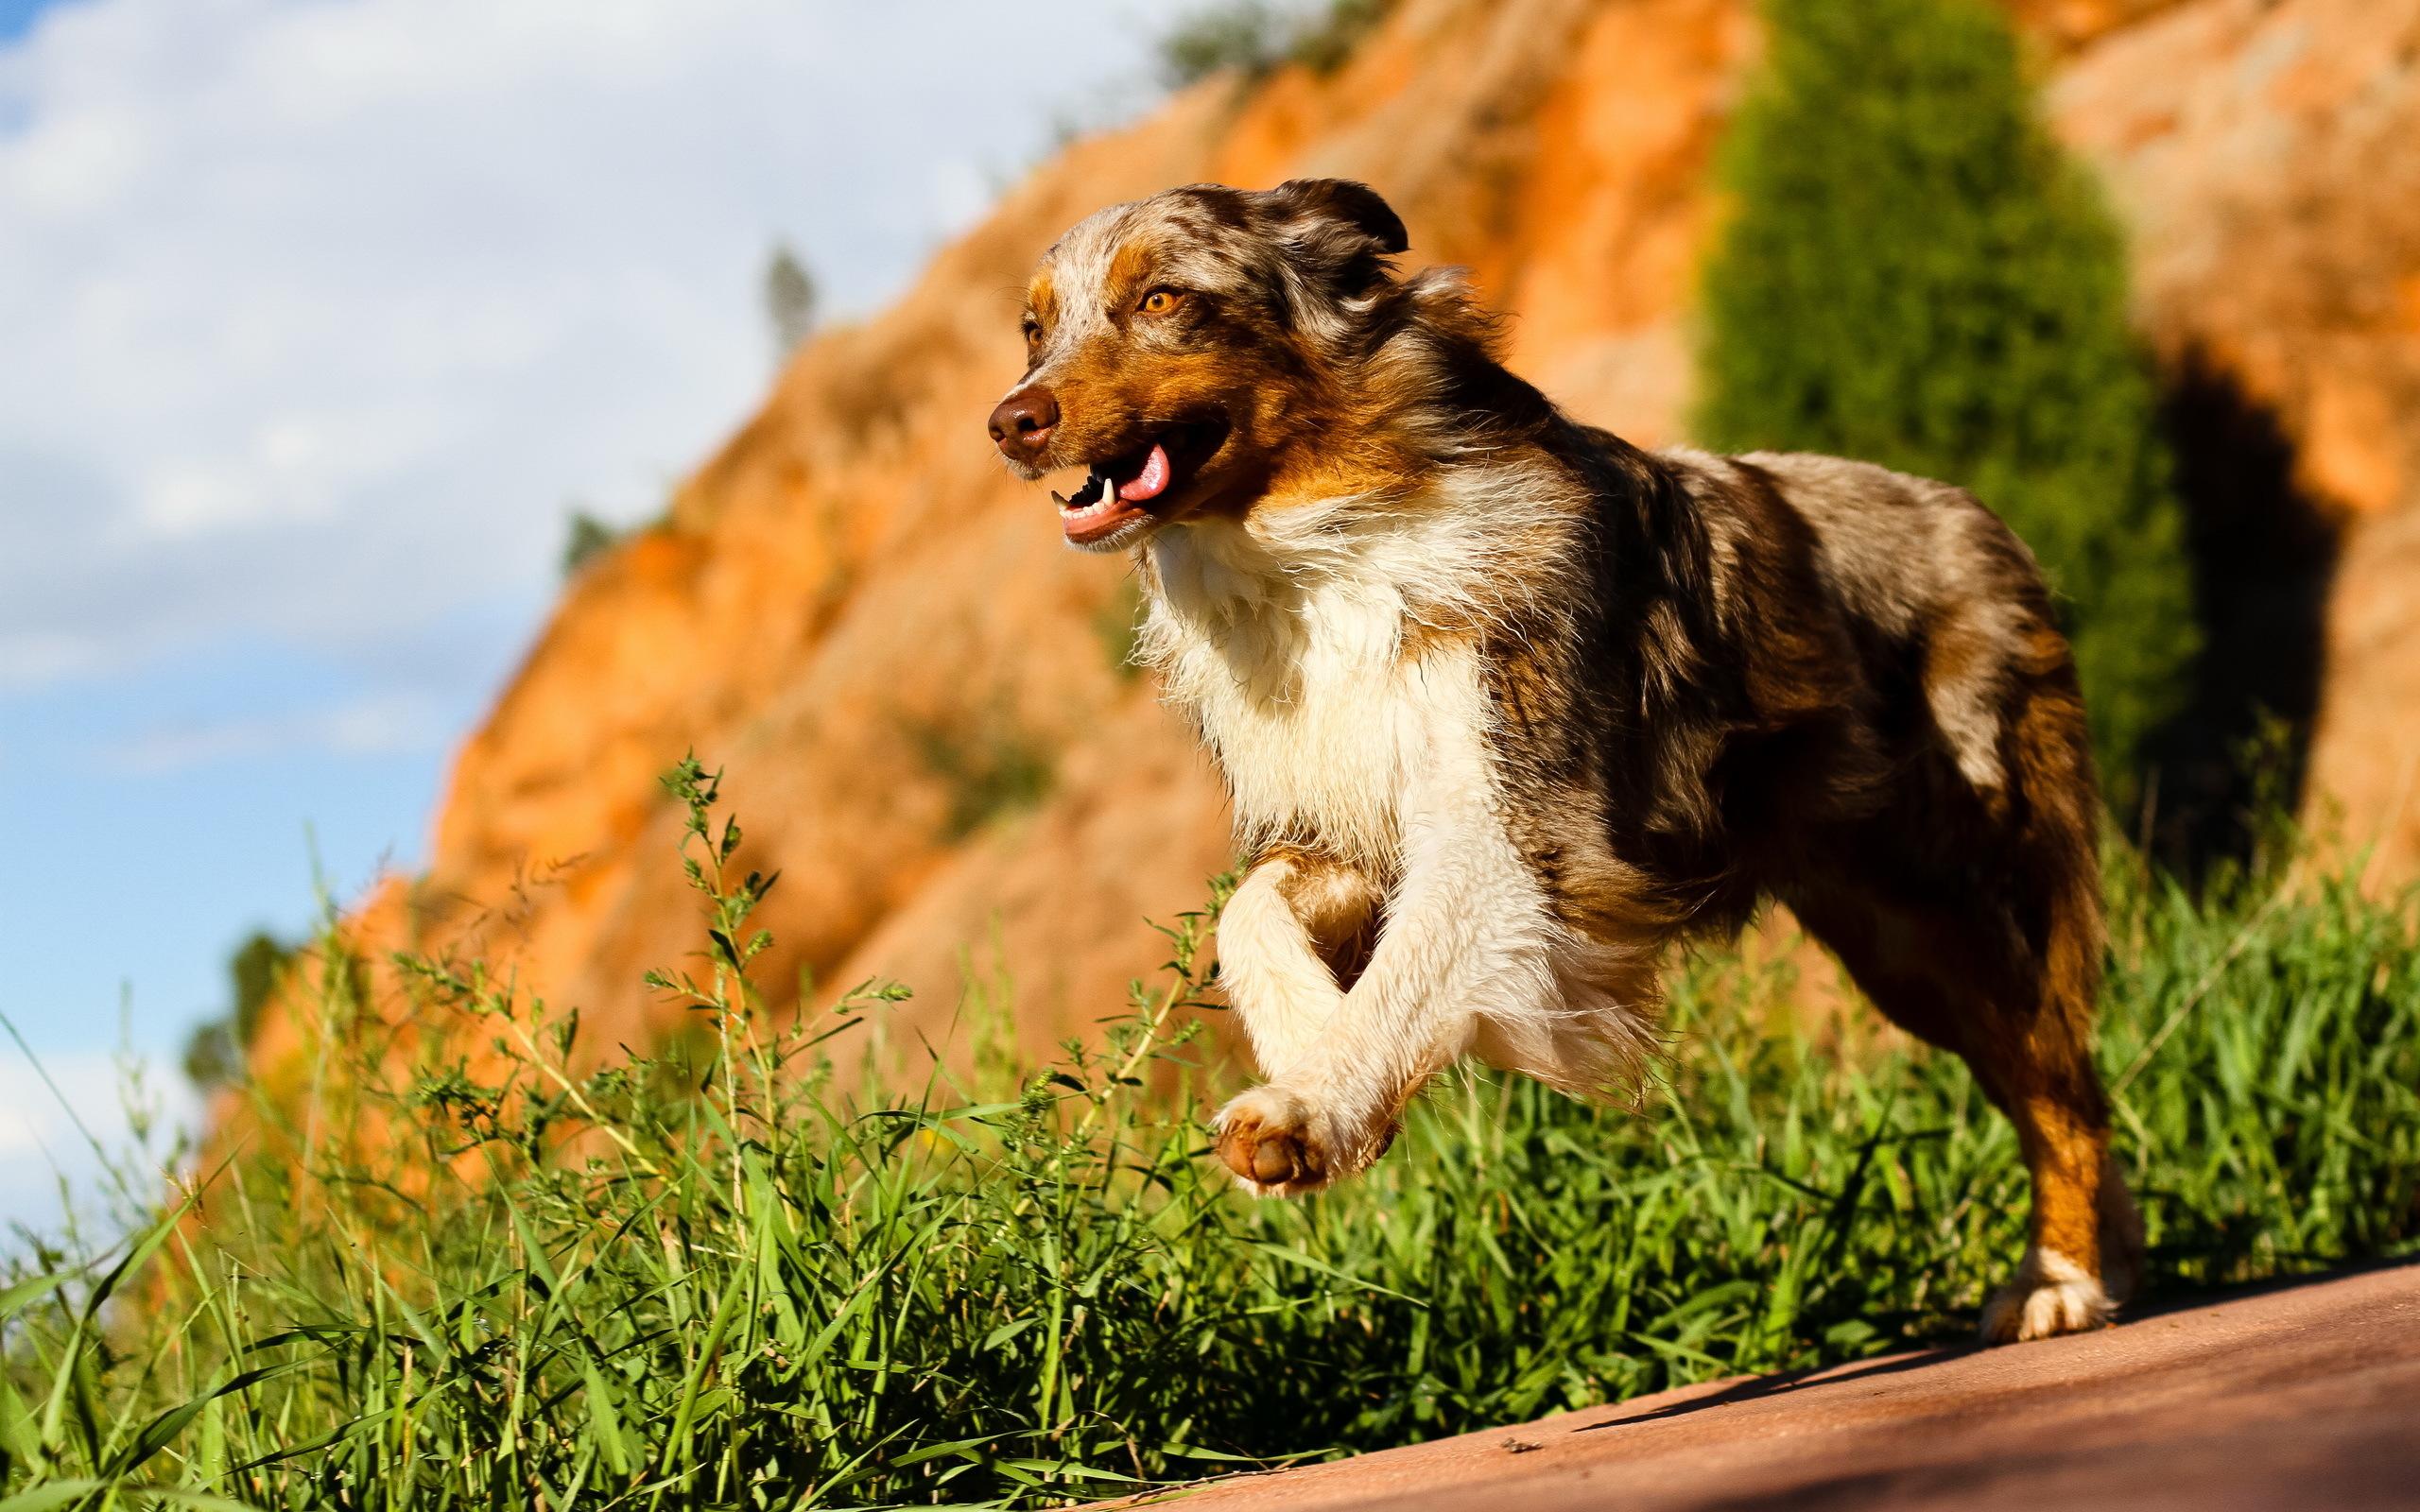 основу картинки бегущей собаки с боку решили